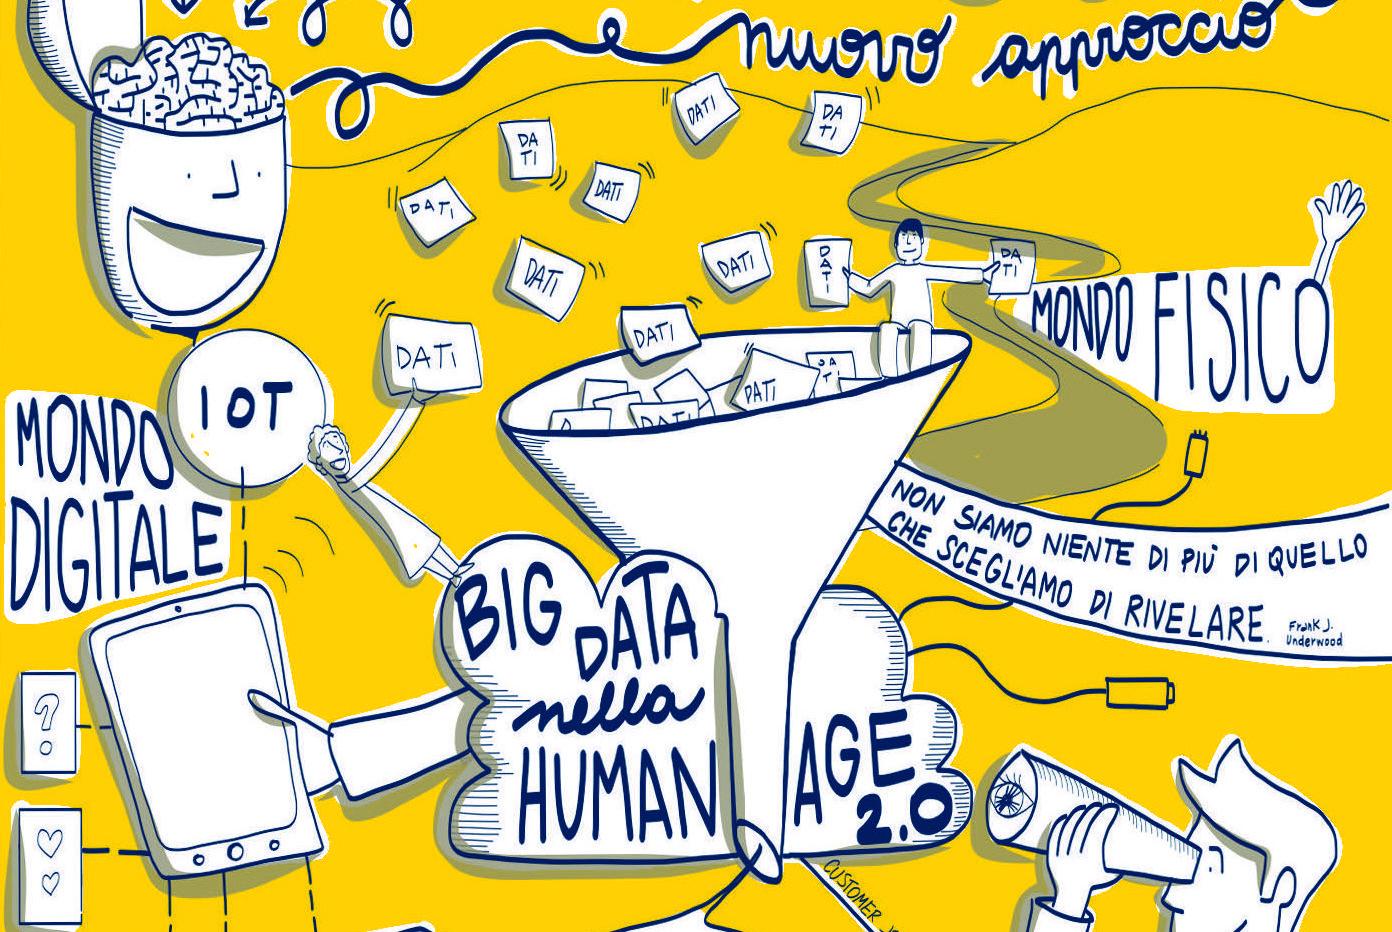 L'onda perfetta dei Big Data